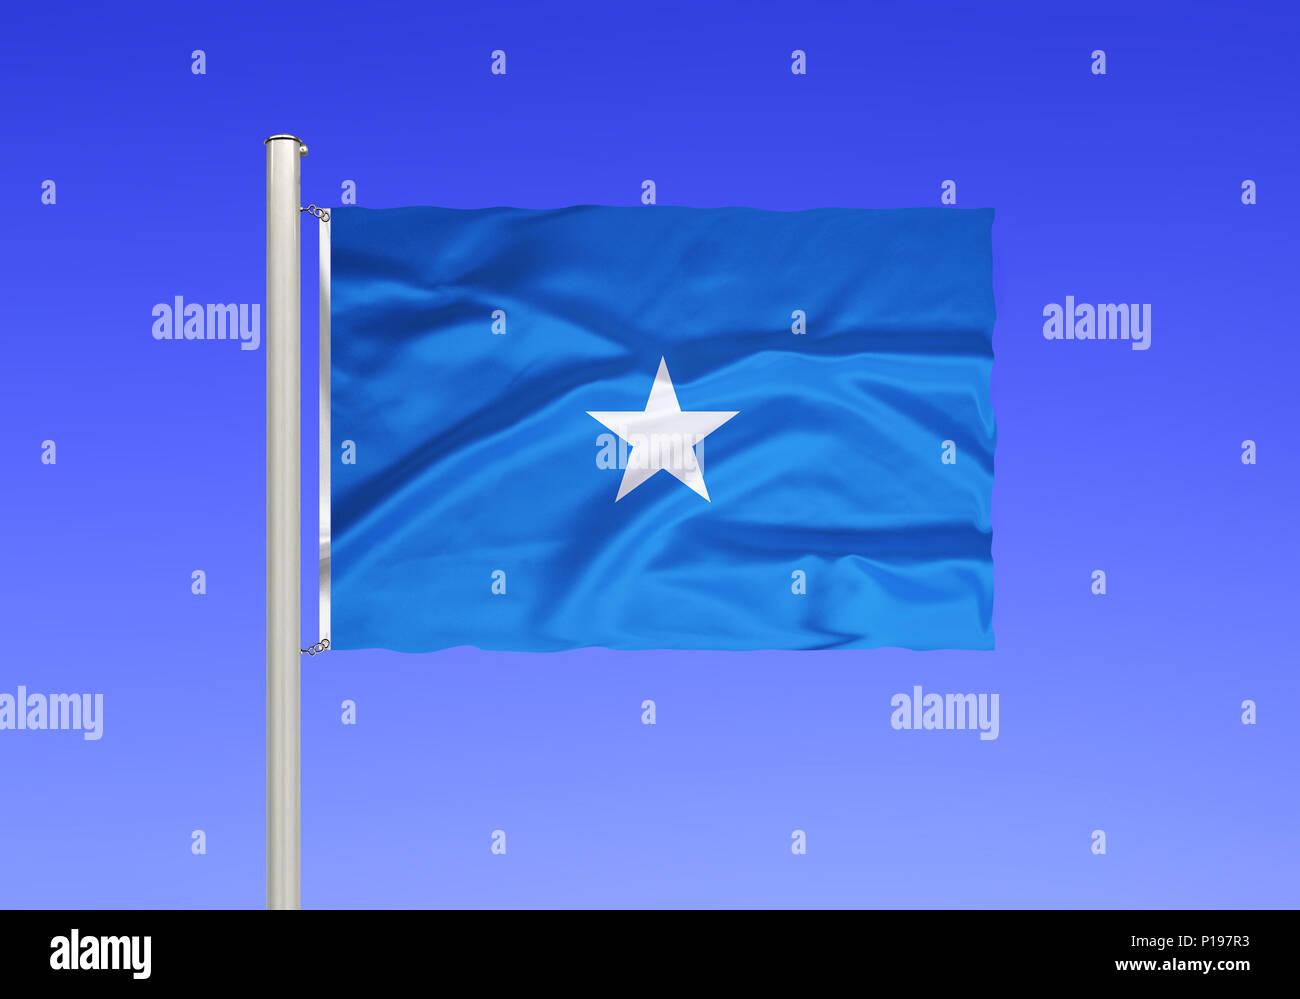 Flag of Somalia, Africa, Somali peninsula, East Africa,, Flagge von Somalia, Afrika, Somali-Halbinsel, Ostafrika, - Stock Image